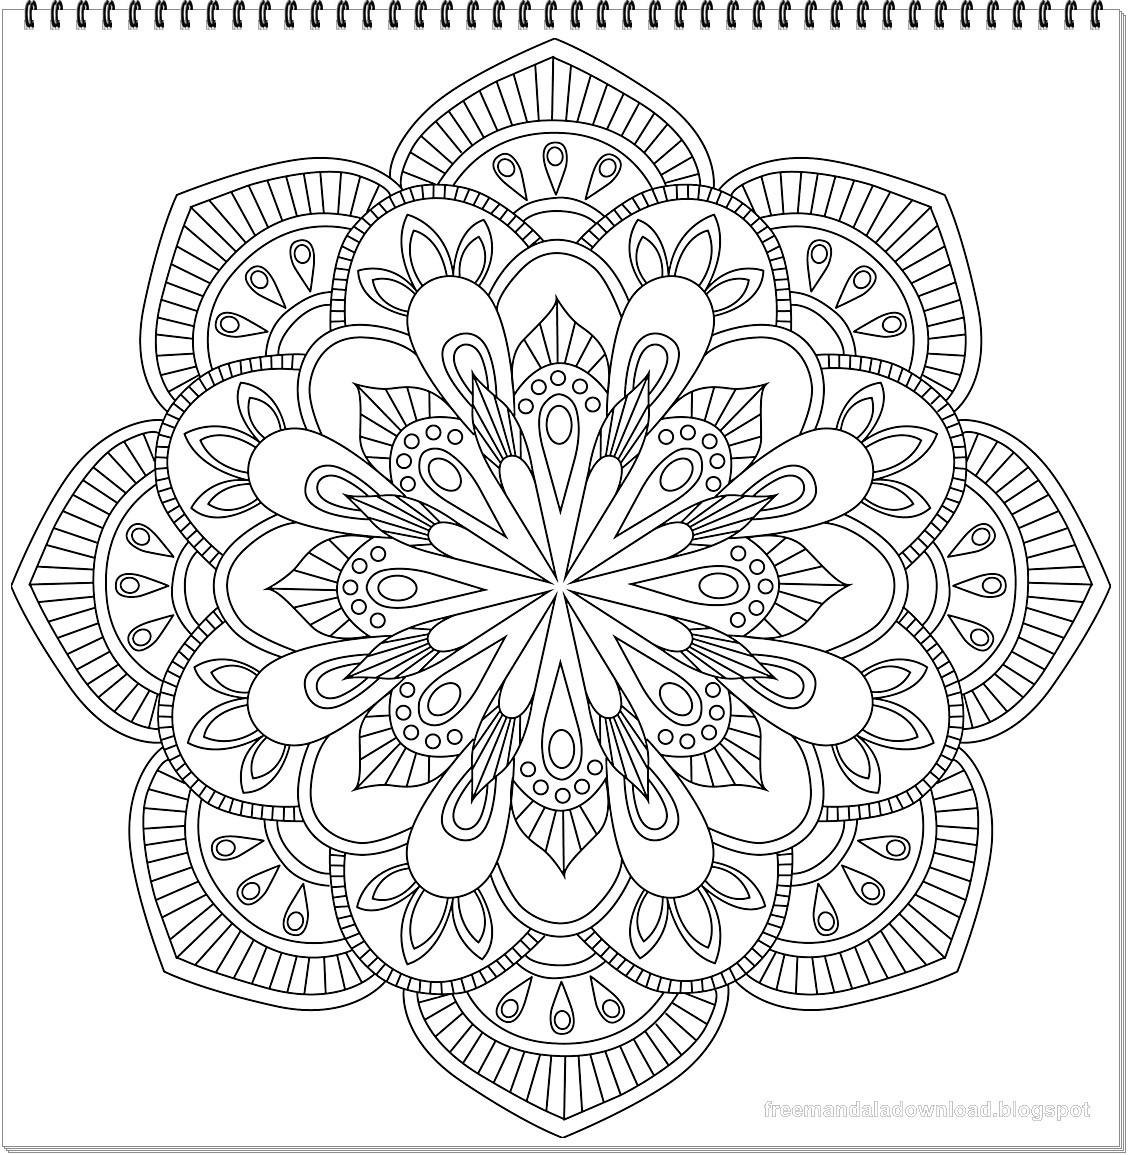 Mandala Für Erwachsene Zum Ausdrucken Kostenlos Neu 100 Schöne Ausmalbilder Für Erwachsene Bilder Ideen Fotos